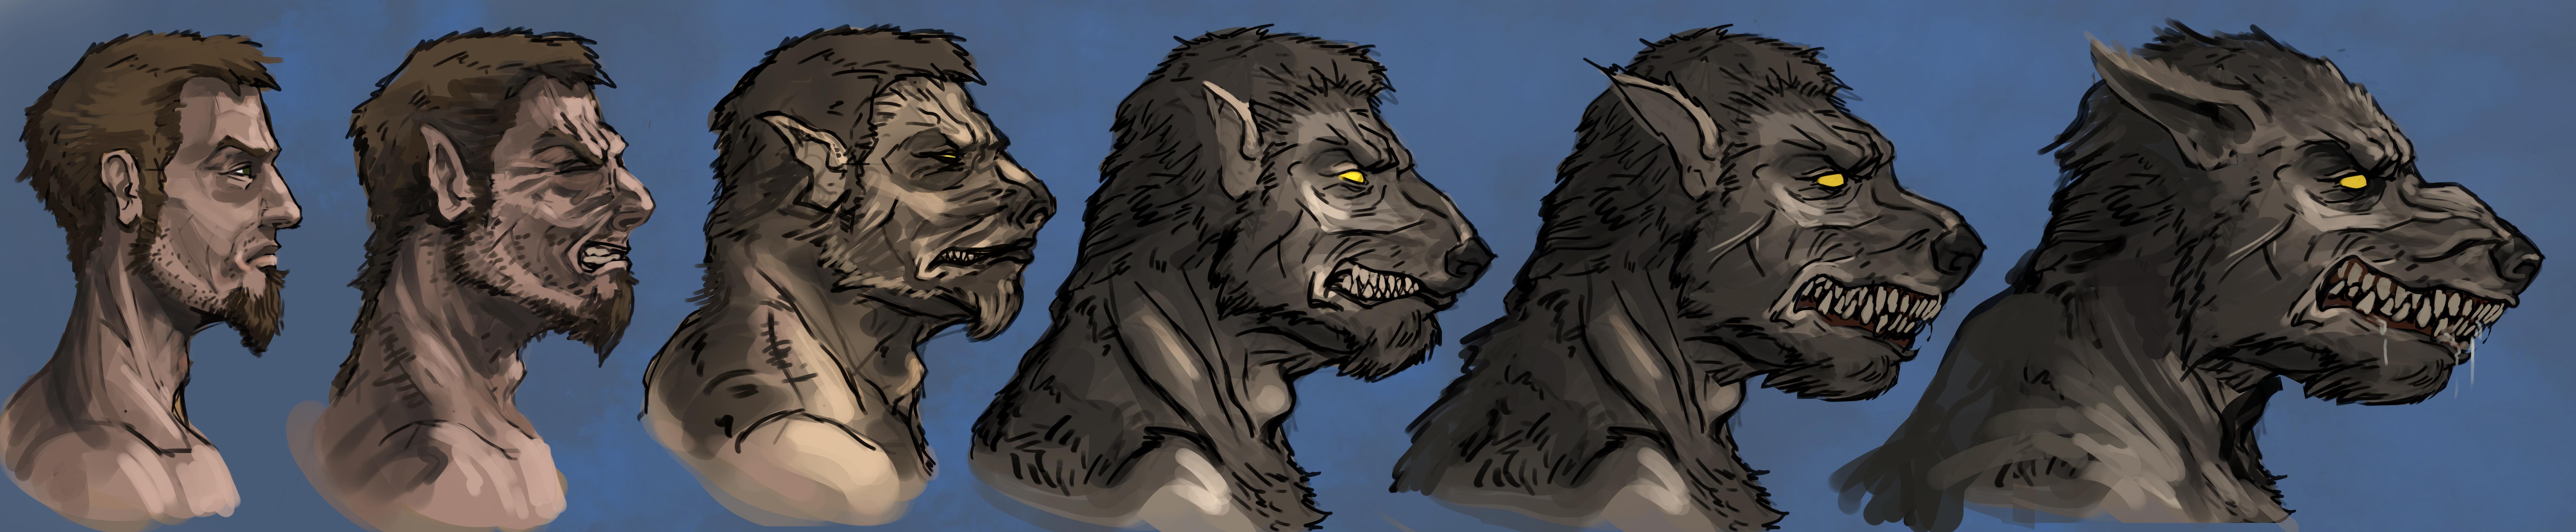 Deviantart Female Werewolf Transformation | Desktop Wallpaper